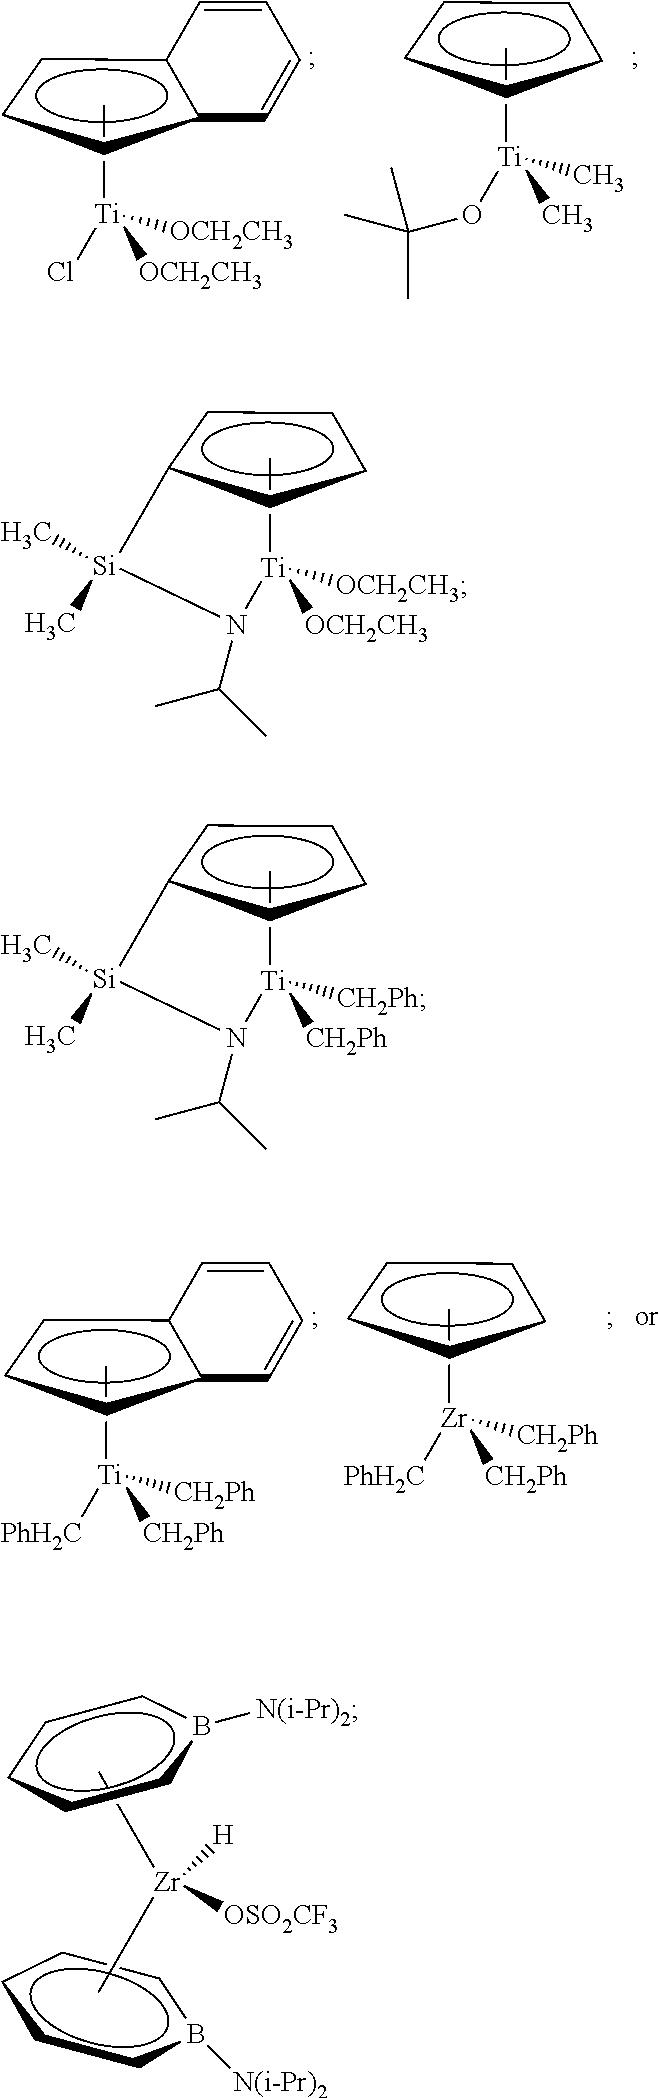 Figure US07884163-20110208-C00019